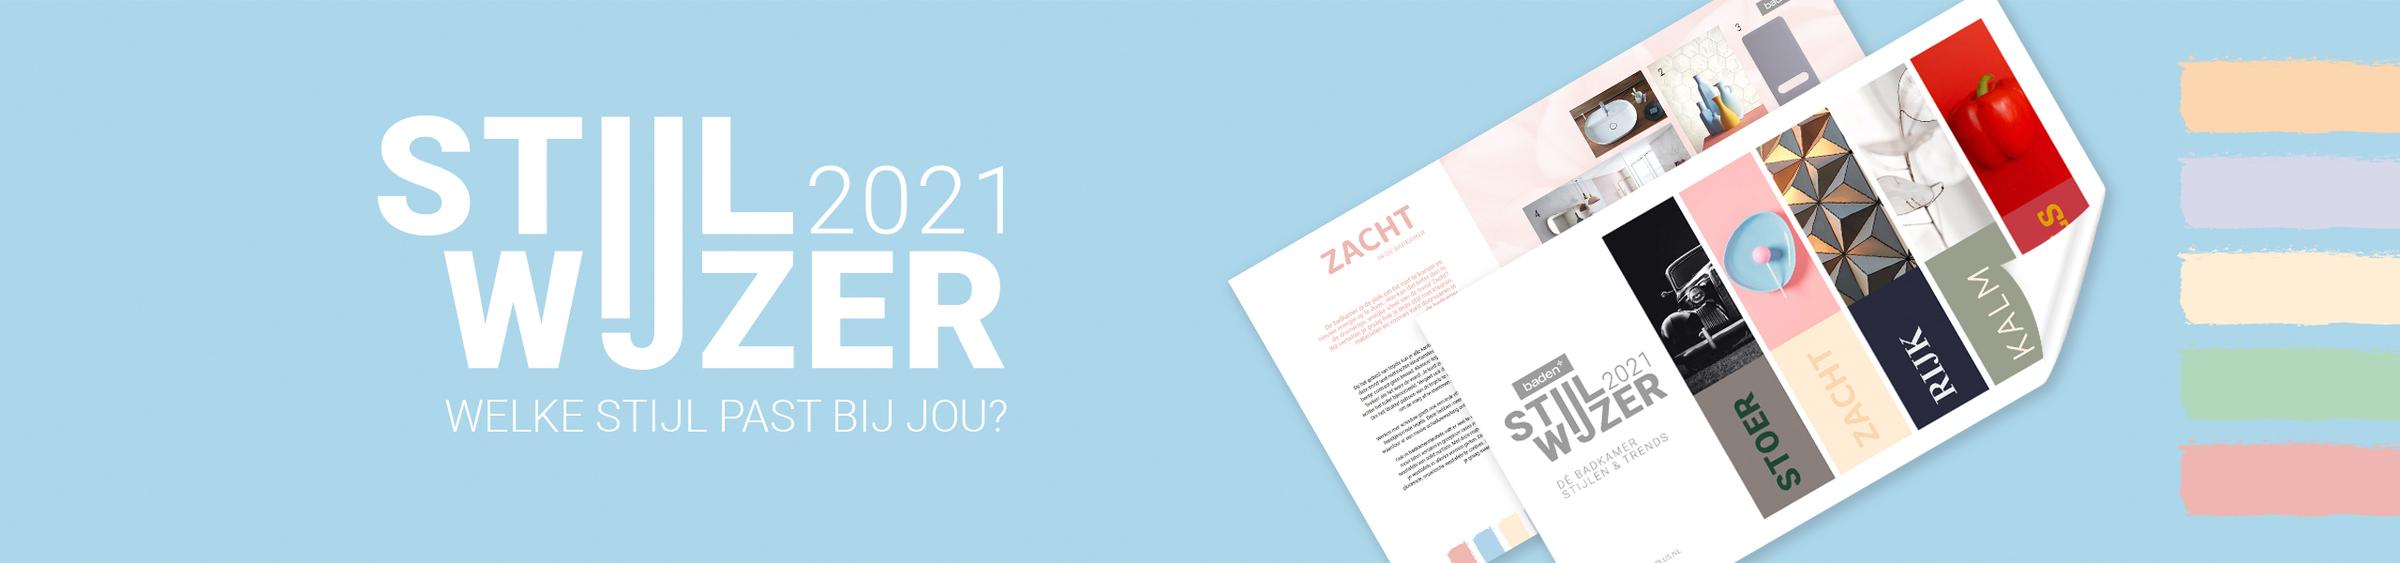 Download gratis Baden+ Stijlwijzer badkamertrends 2021 - Download gratis Baden+ Stijlwijzer badkamertrends 2021